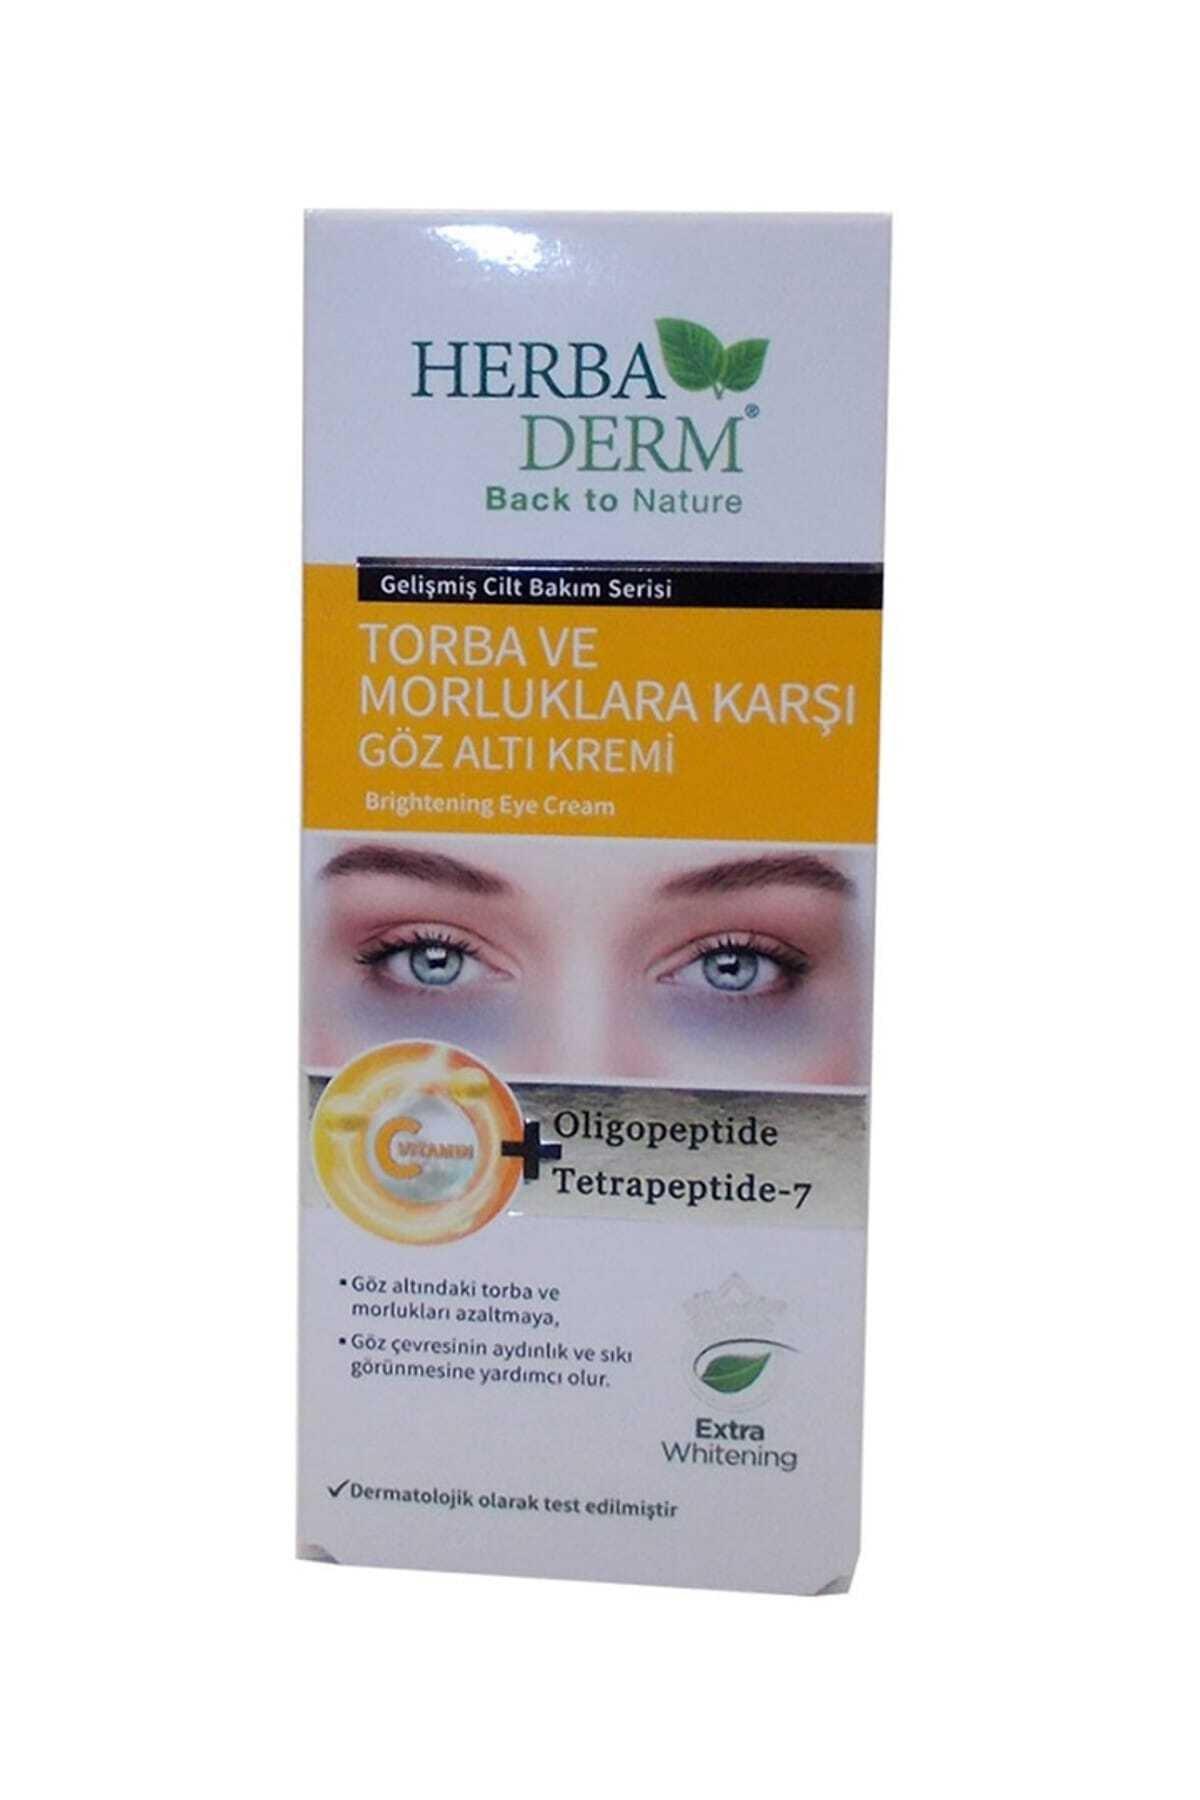 Herbaderm Göz Altı Torba Ve Morluklarına Karşı Krem 15ml 2